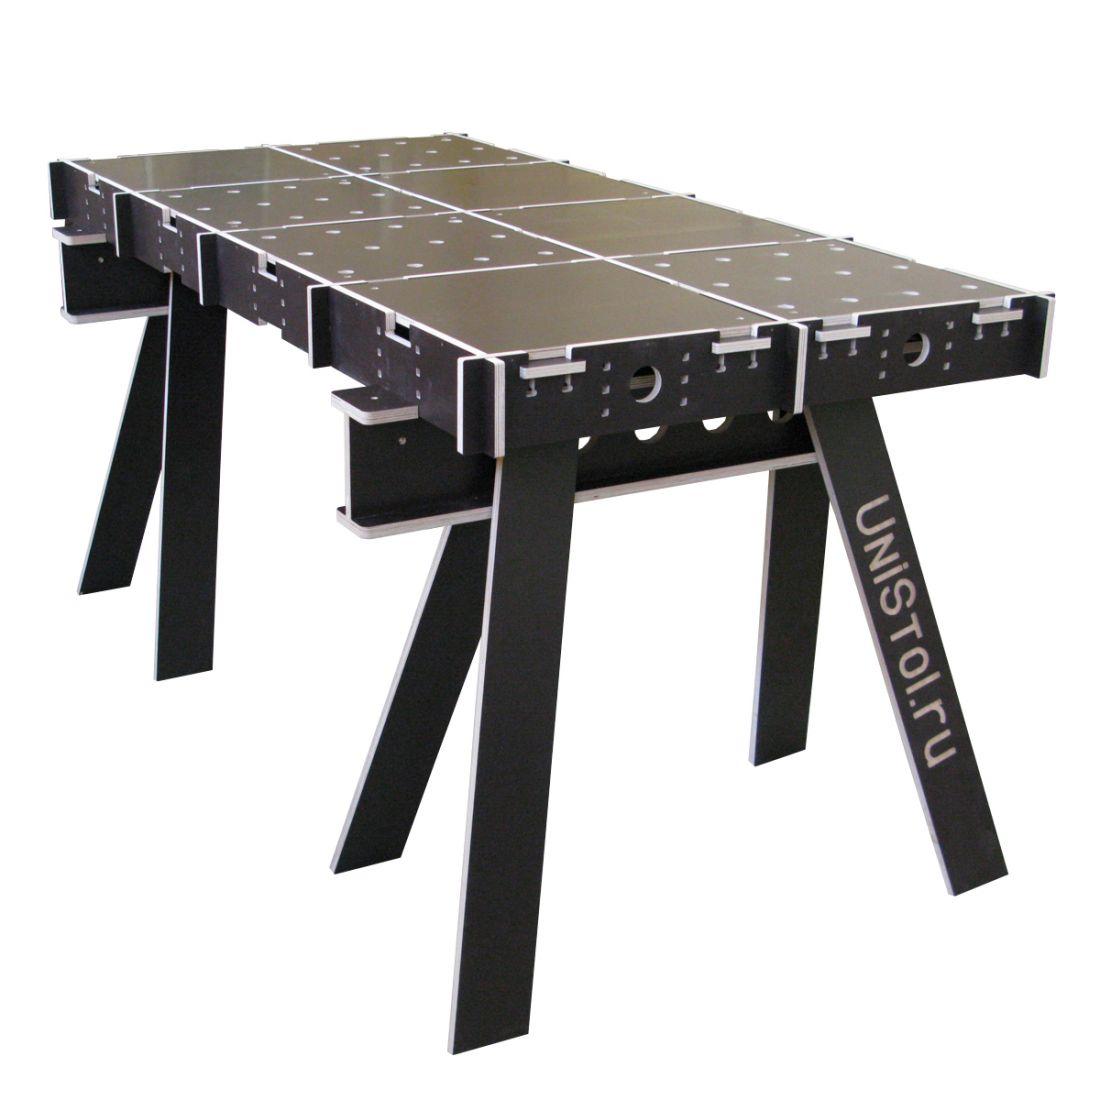 Ячеистый стол для раскроя листовых материалов 1600x800 мм со столешницой